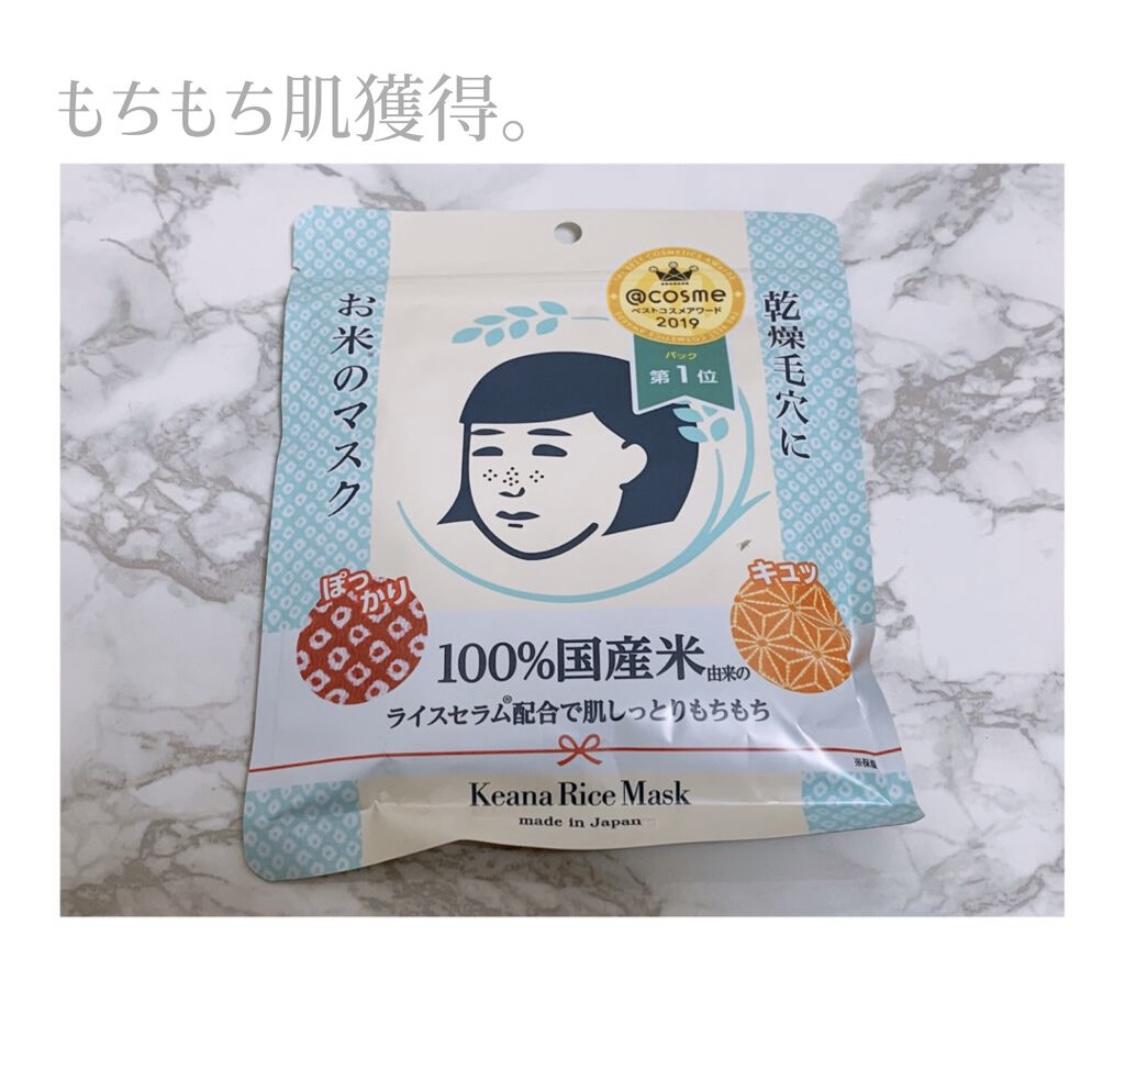 毛穴撫子(ケアナナデシコ) お米のマスク <シートマスク>を使っためーさんのクチコミ画像1